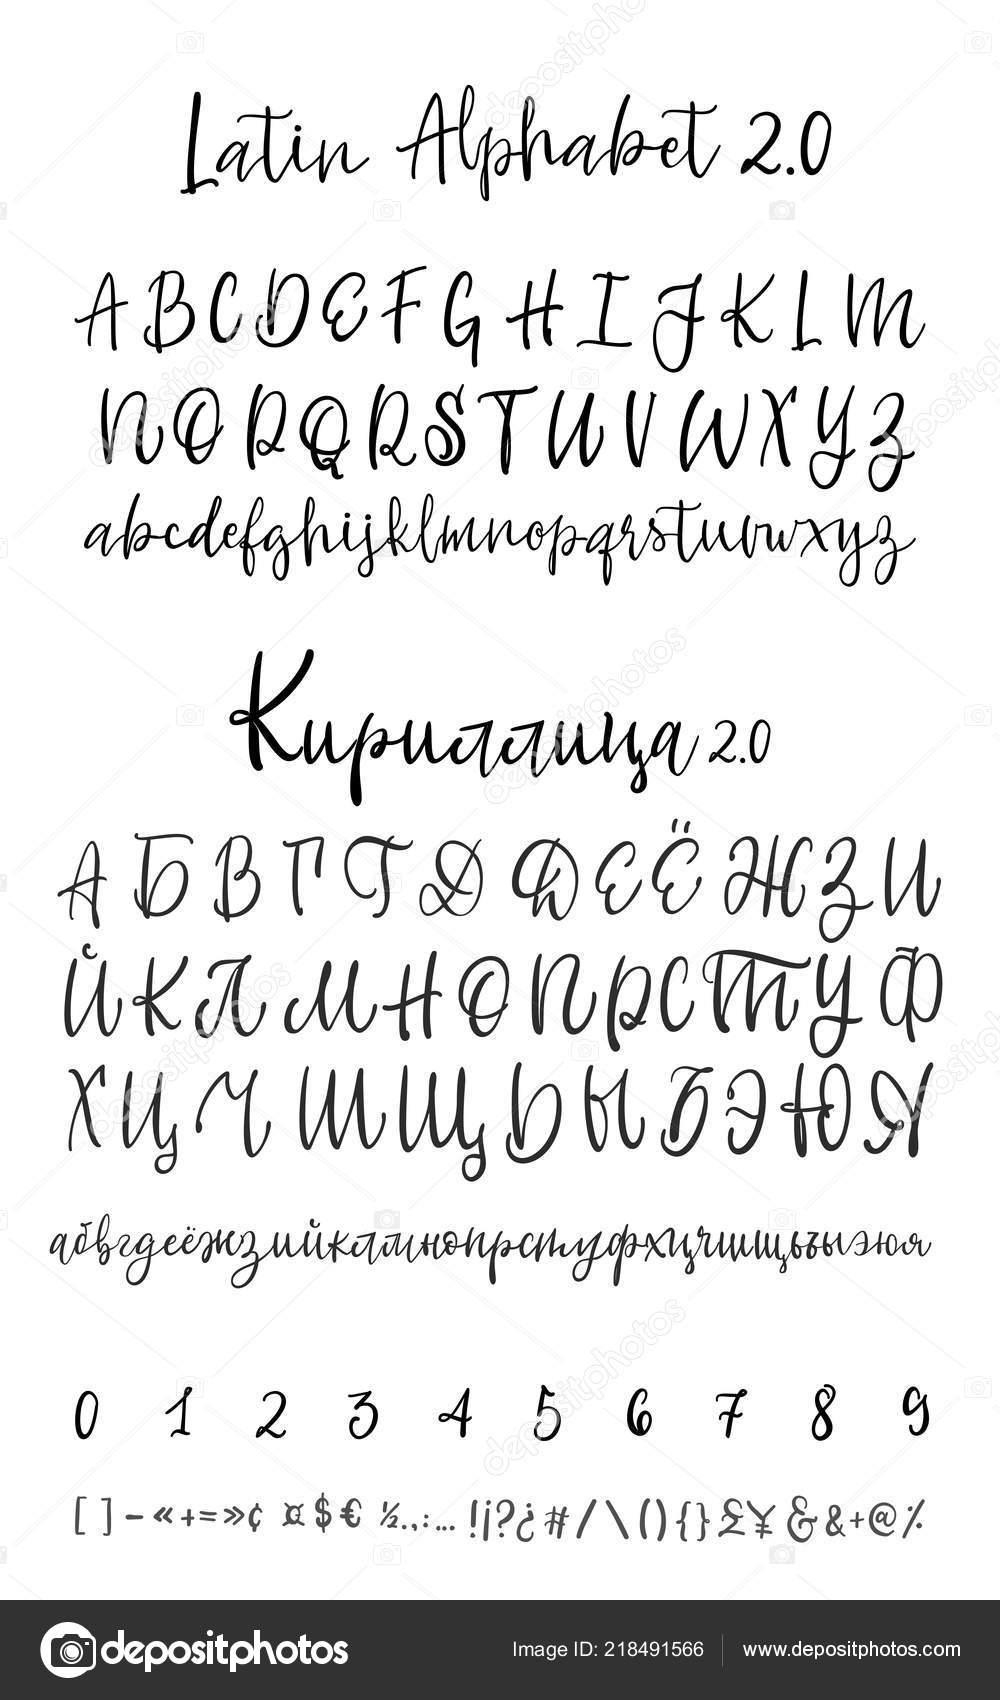 Cursive Calligraphy Alphabets : cursive, calligraphy, alphabets, Vector, Calligraphy, Alphabet., Exclusive, Letters., Decorative, Handwritten, Brush, Wedding, Monogram,, Logo,, Invitation., Cyrillic, Cursive, Isolated, White, Background, Image, Zao4nik, Stock, 218491566